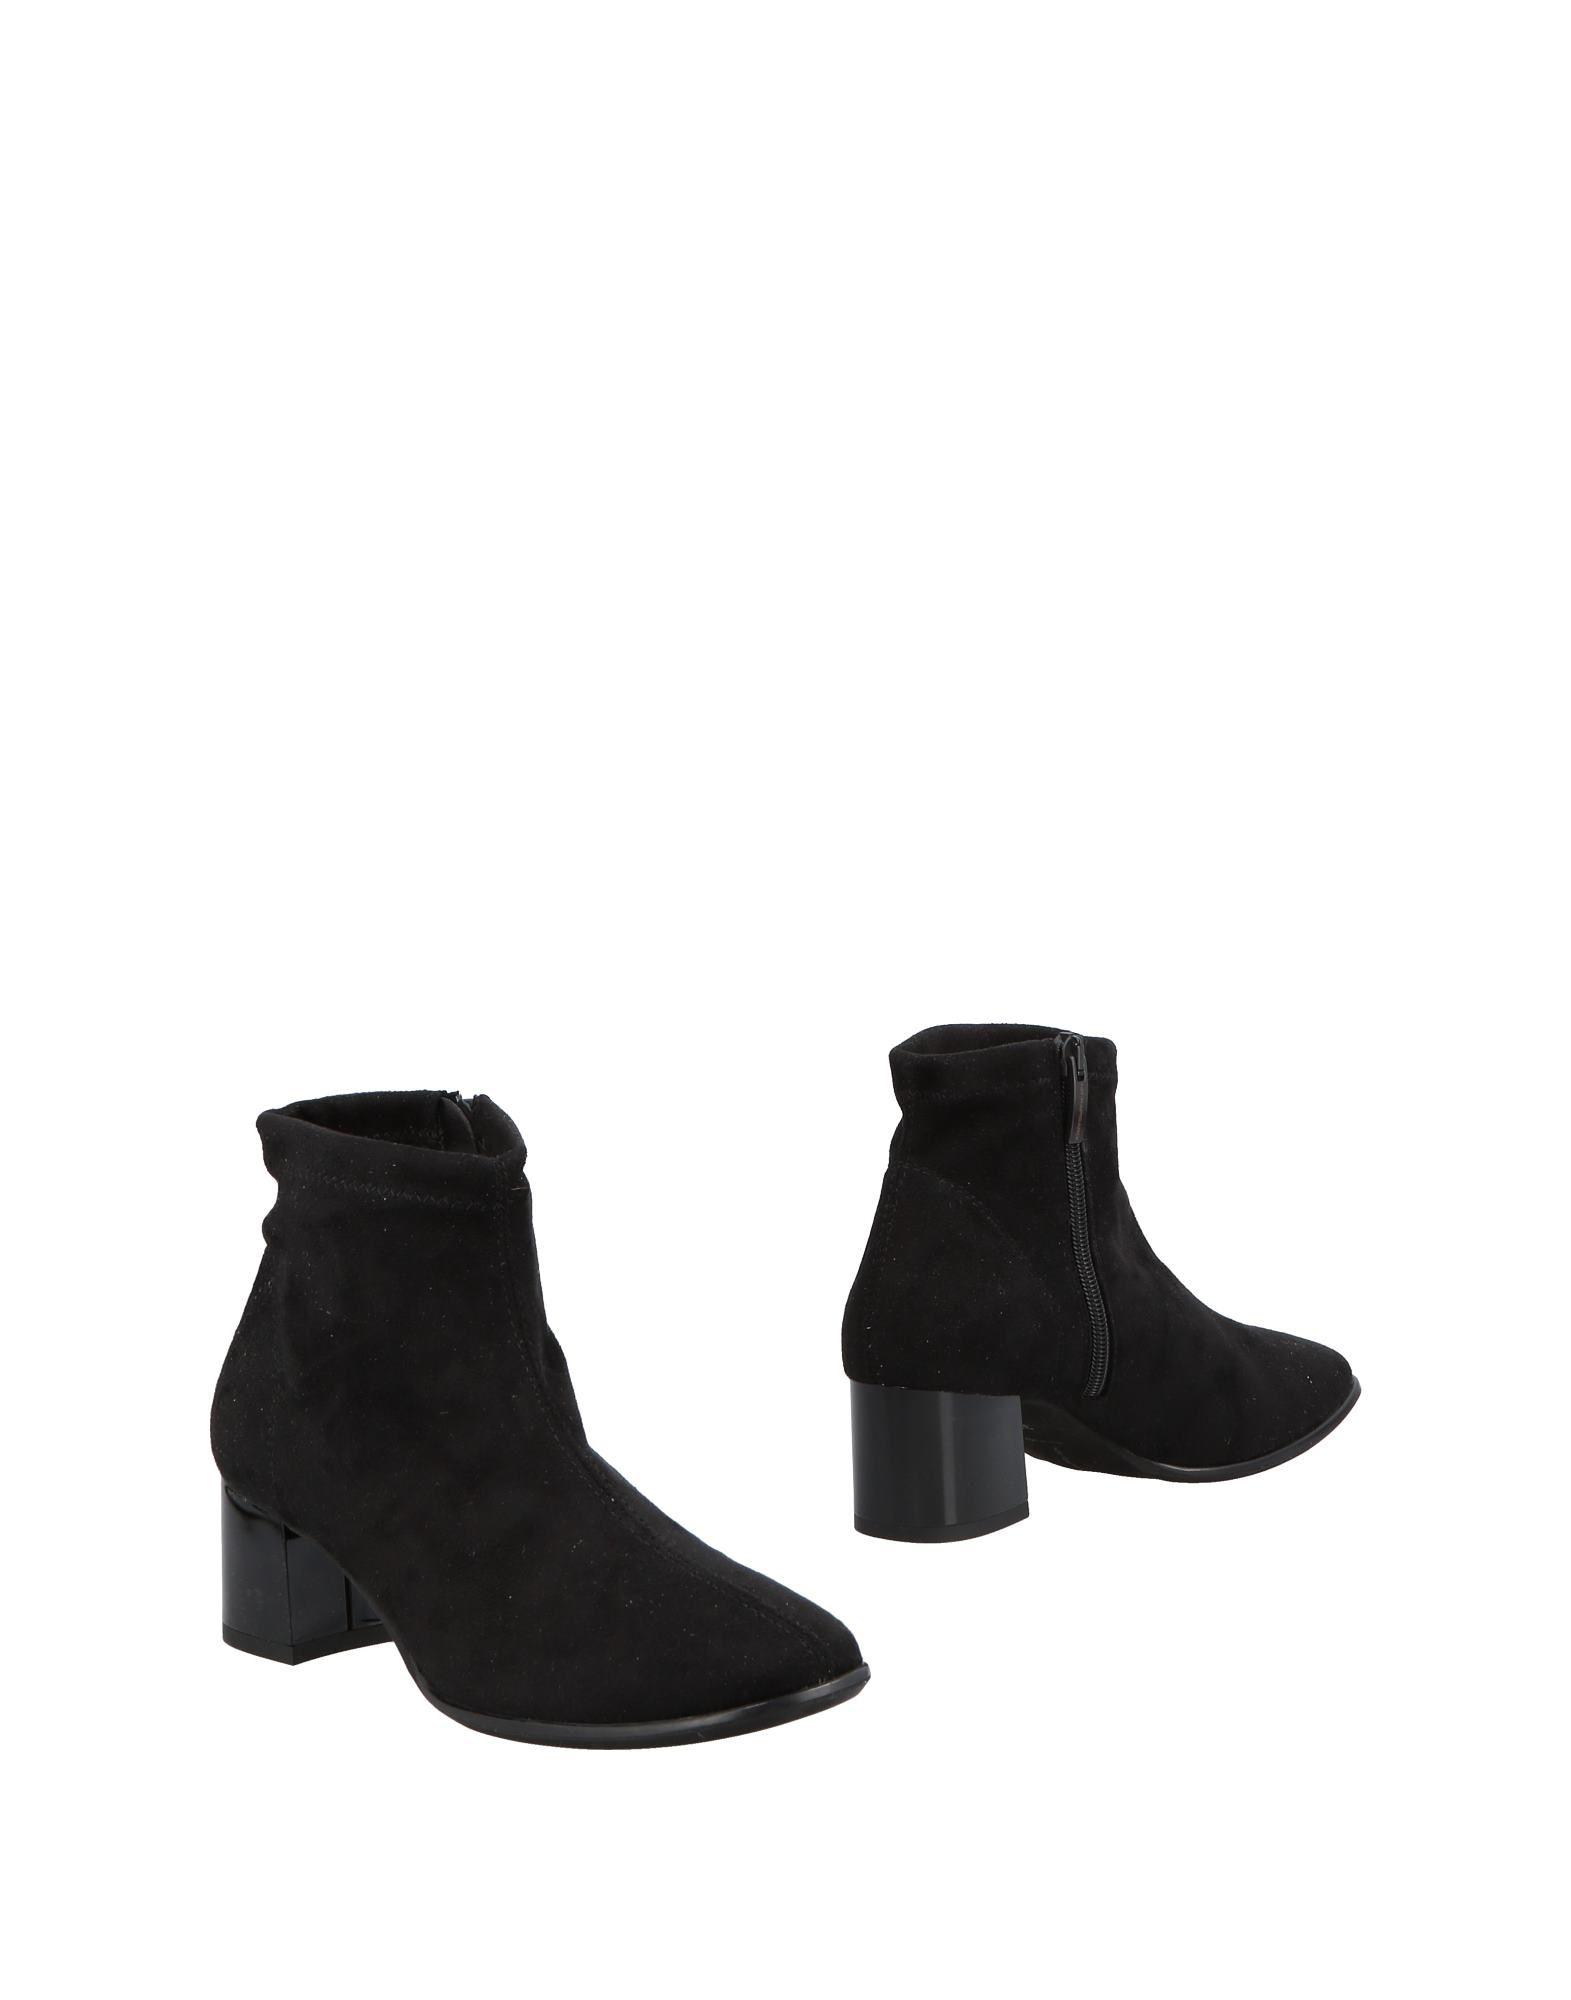 Nr Rapisardi Stiefelette Damen  11504921QX Gute Qualität beliebte Schuhe